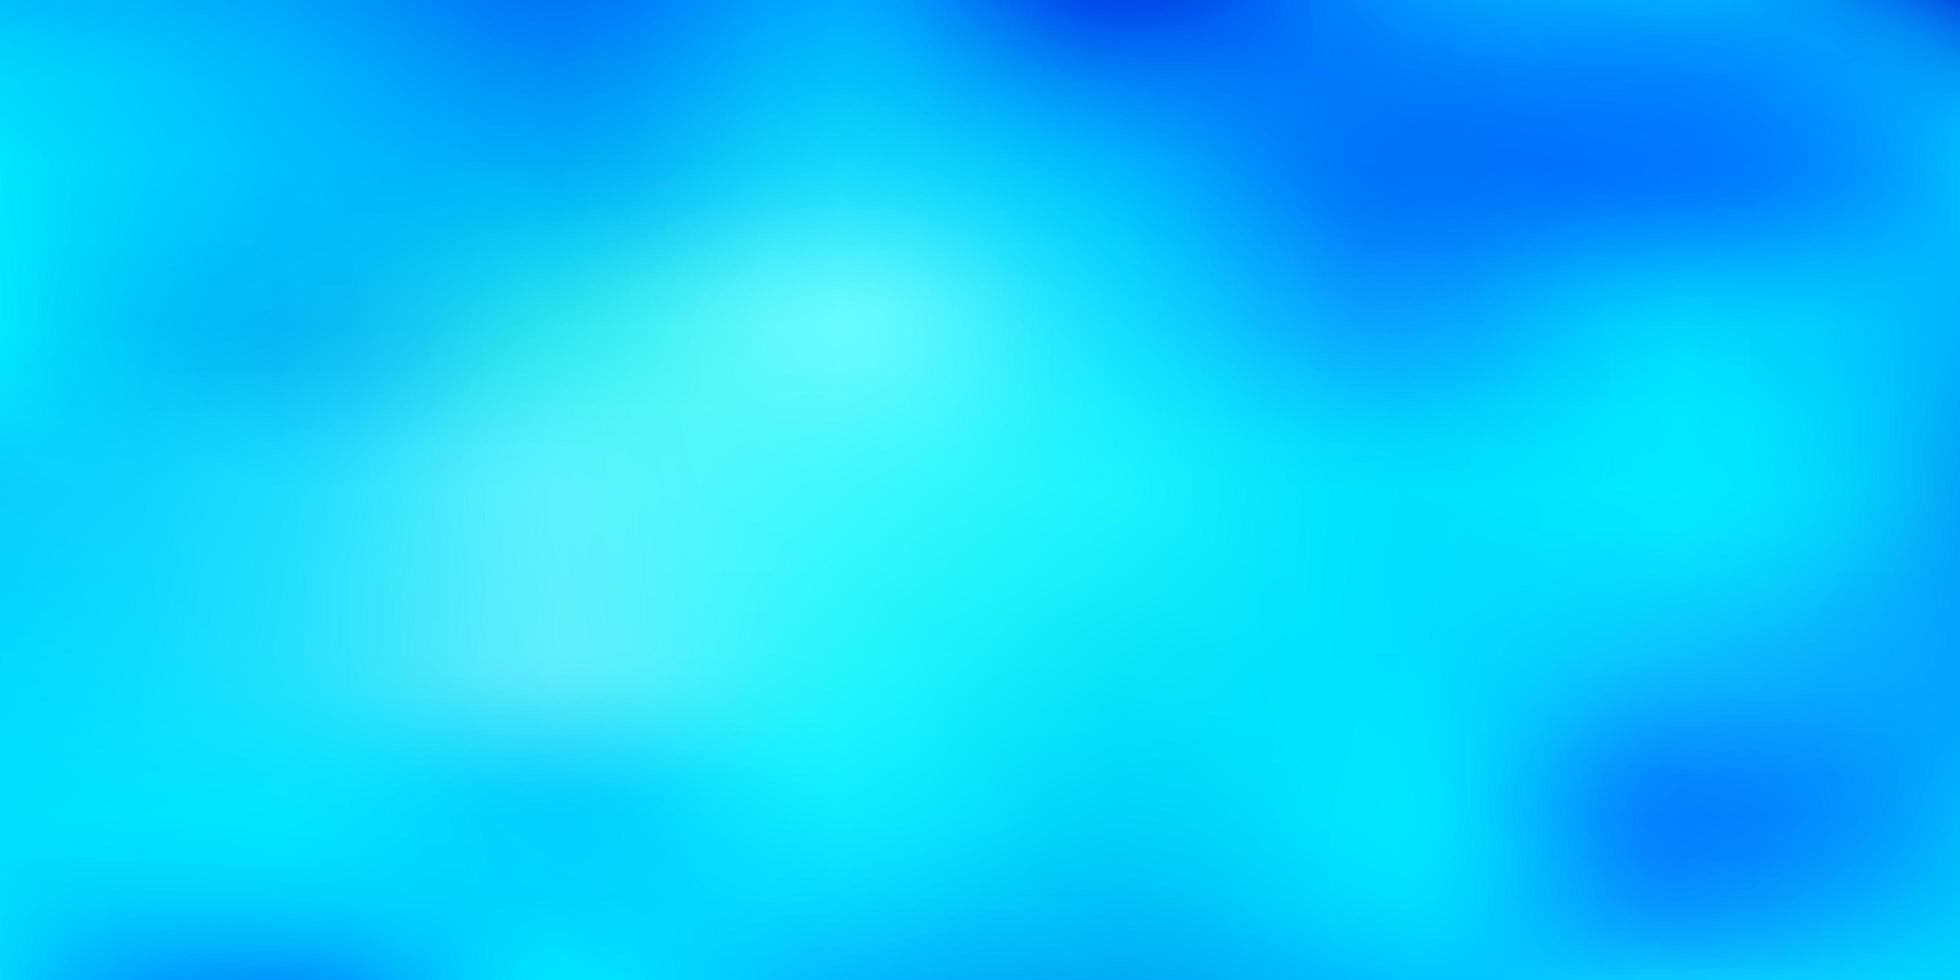 hellblaue Vektor abstrakte Unschärfe Muster.